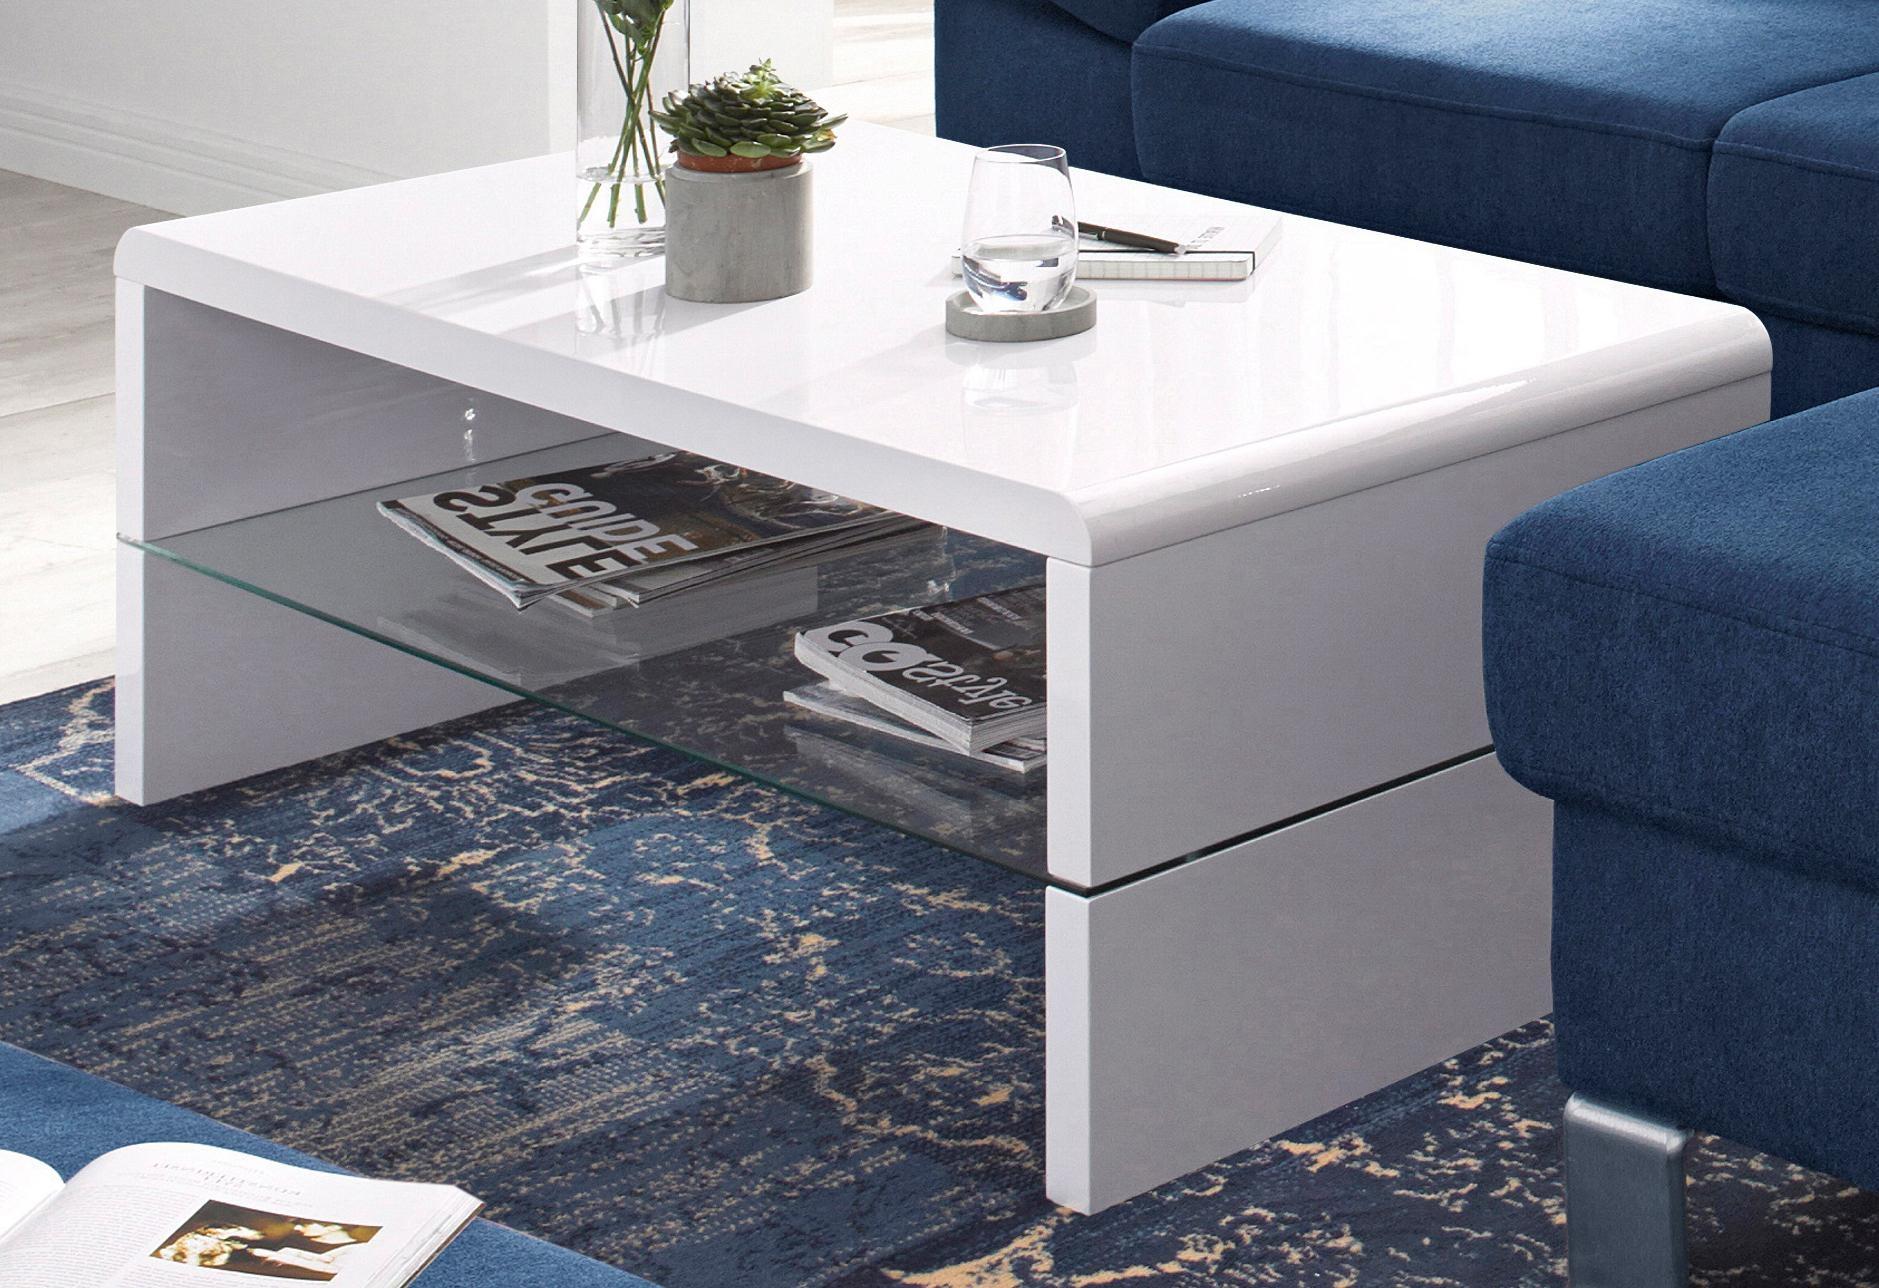 Paroli salontafel met helder glazen legbord online kopen op otto.nl